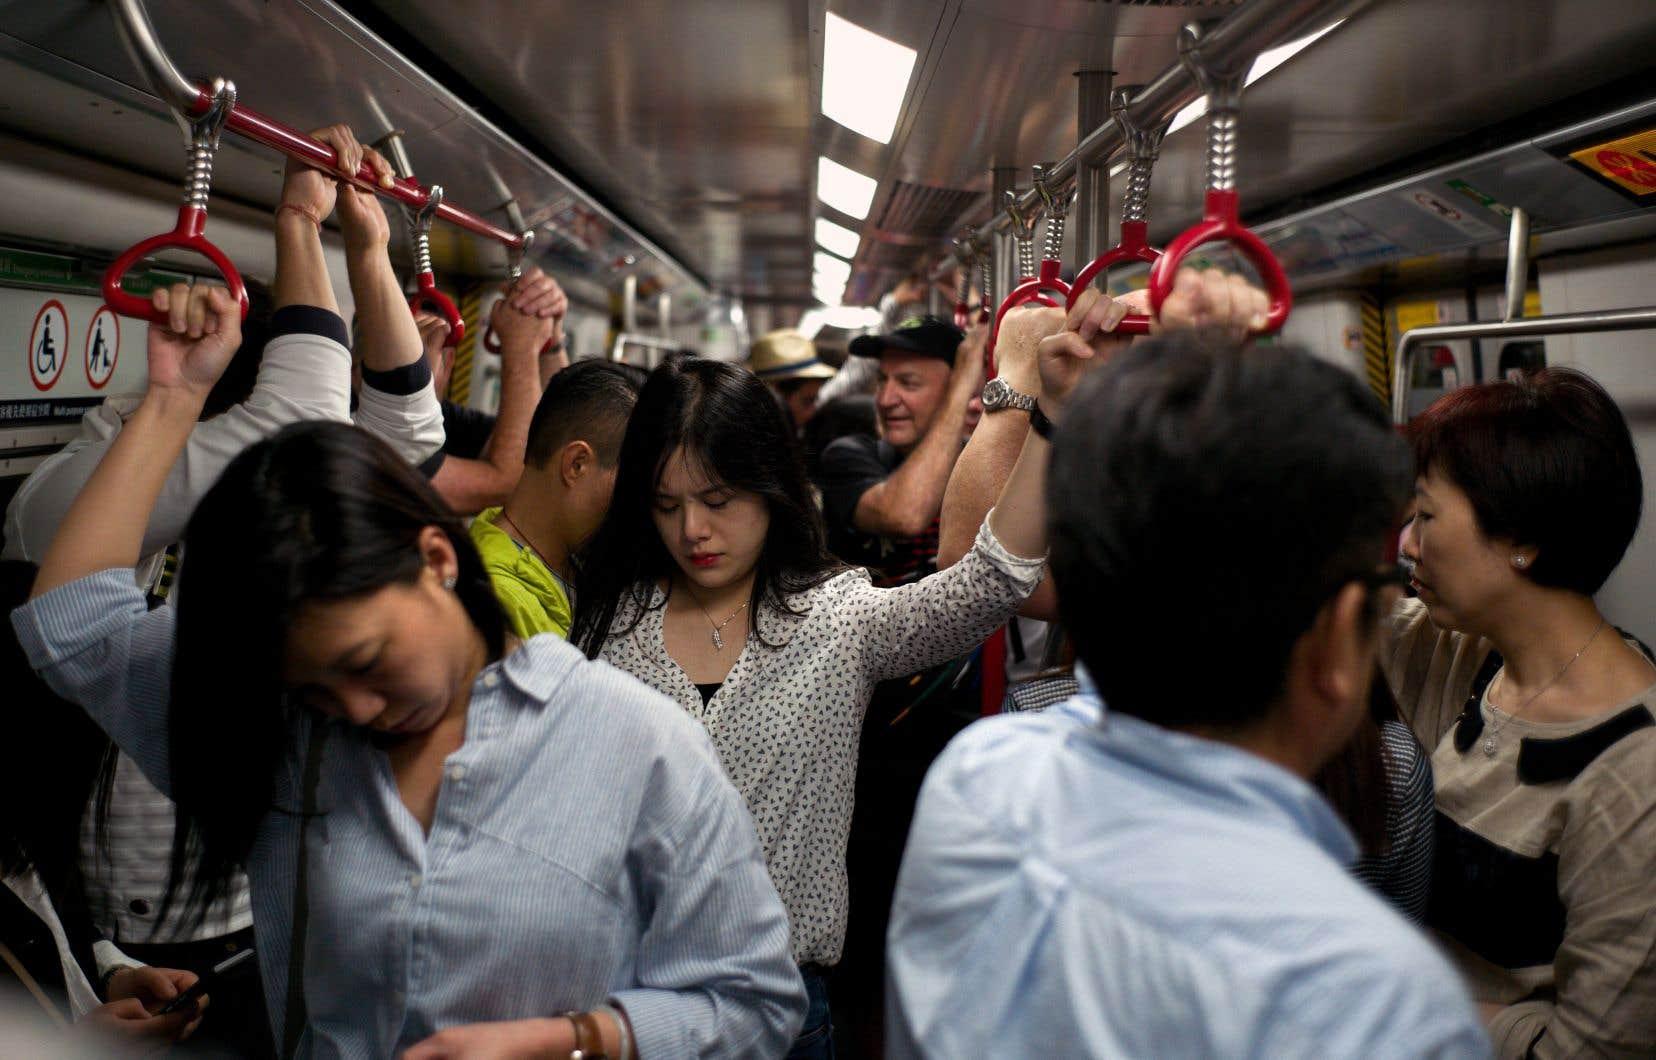 En plus de ses profits de 1,9 milliard de dollars en 2018, le Mass Transit Railway se targue d'être extrêmement efficace.